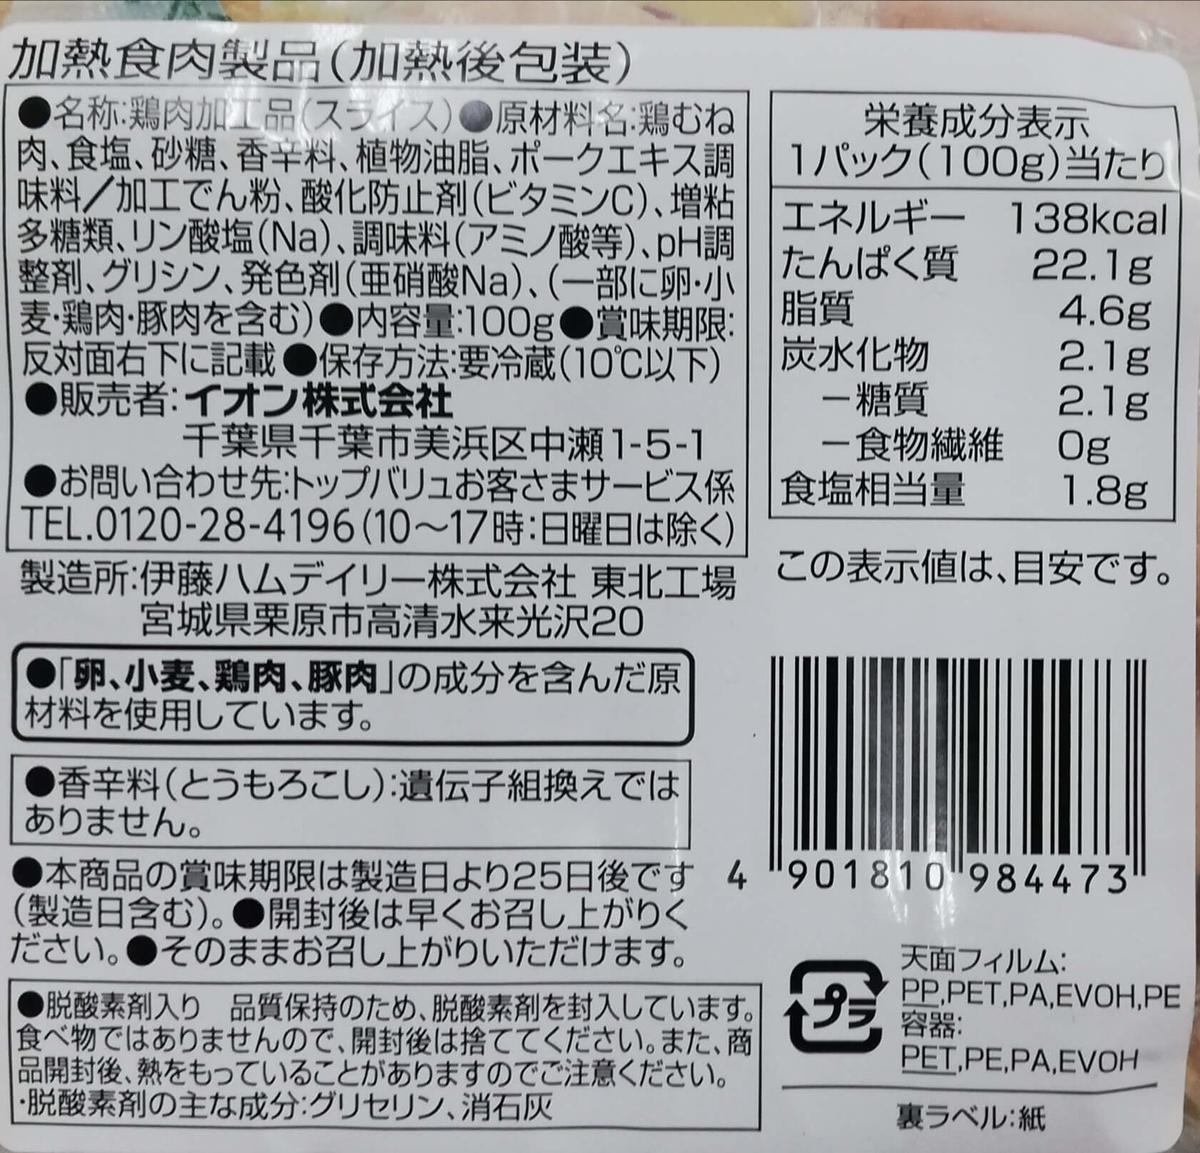 TVローストチキン栄養成分